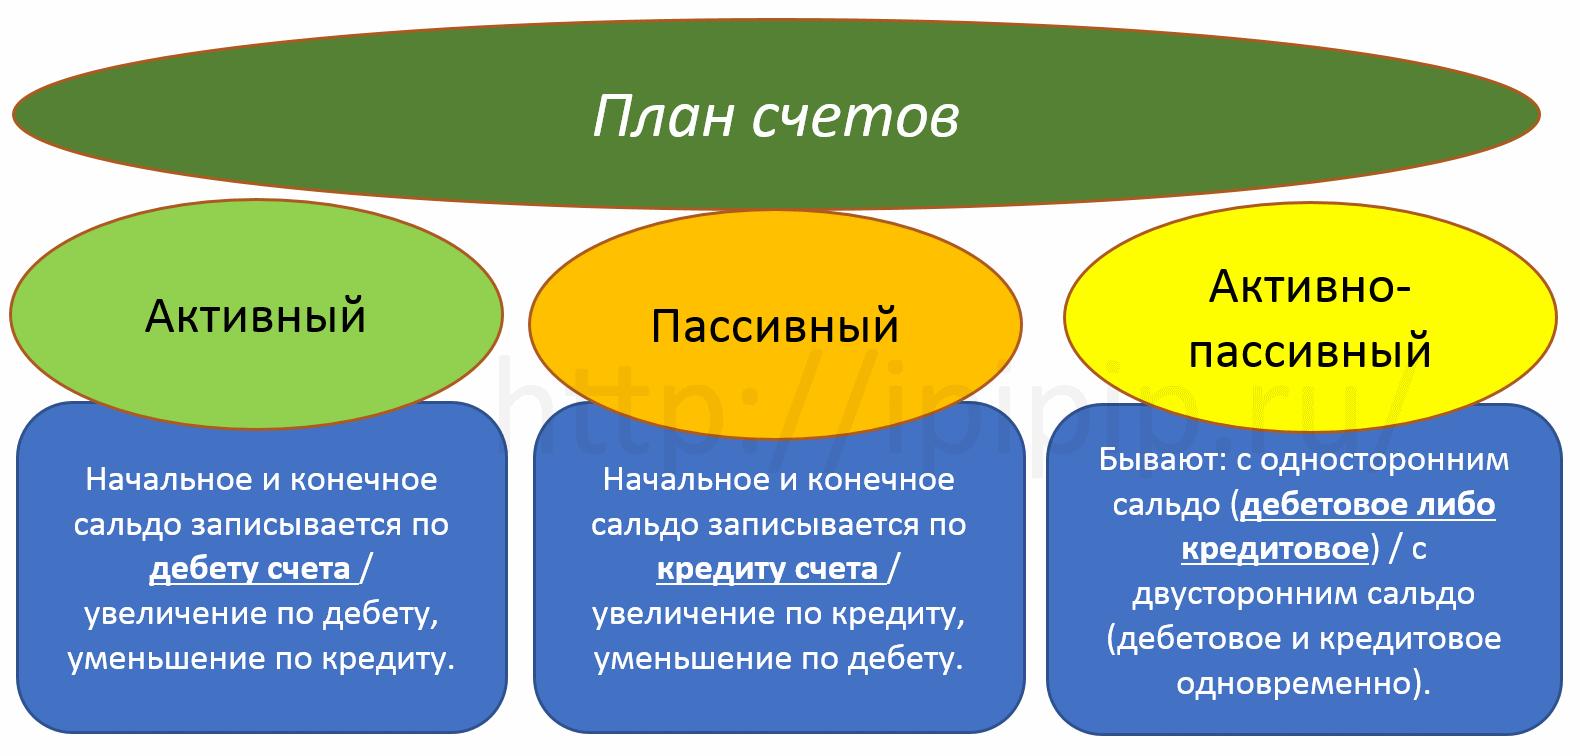 План счетов: активные, пассивные, активно-пассивные